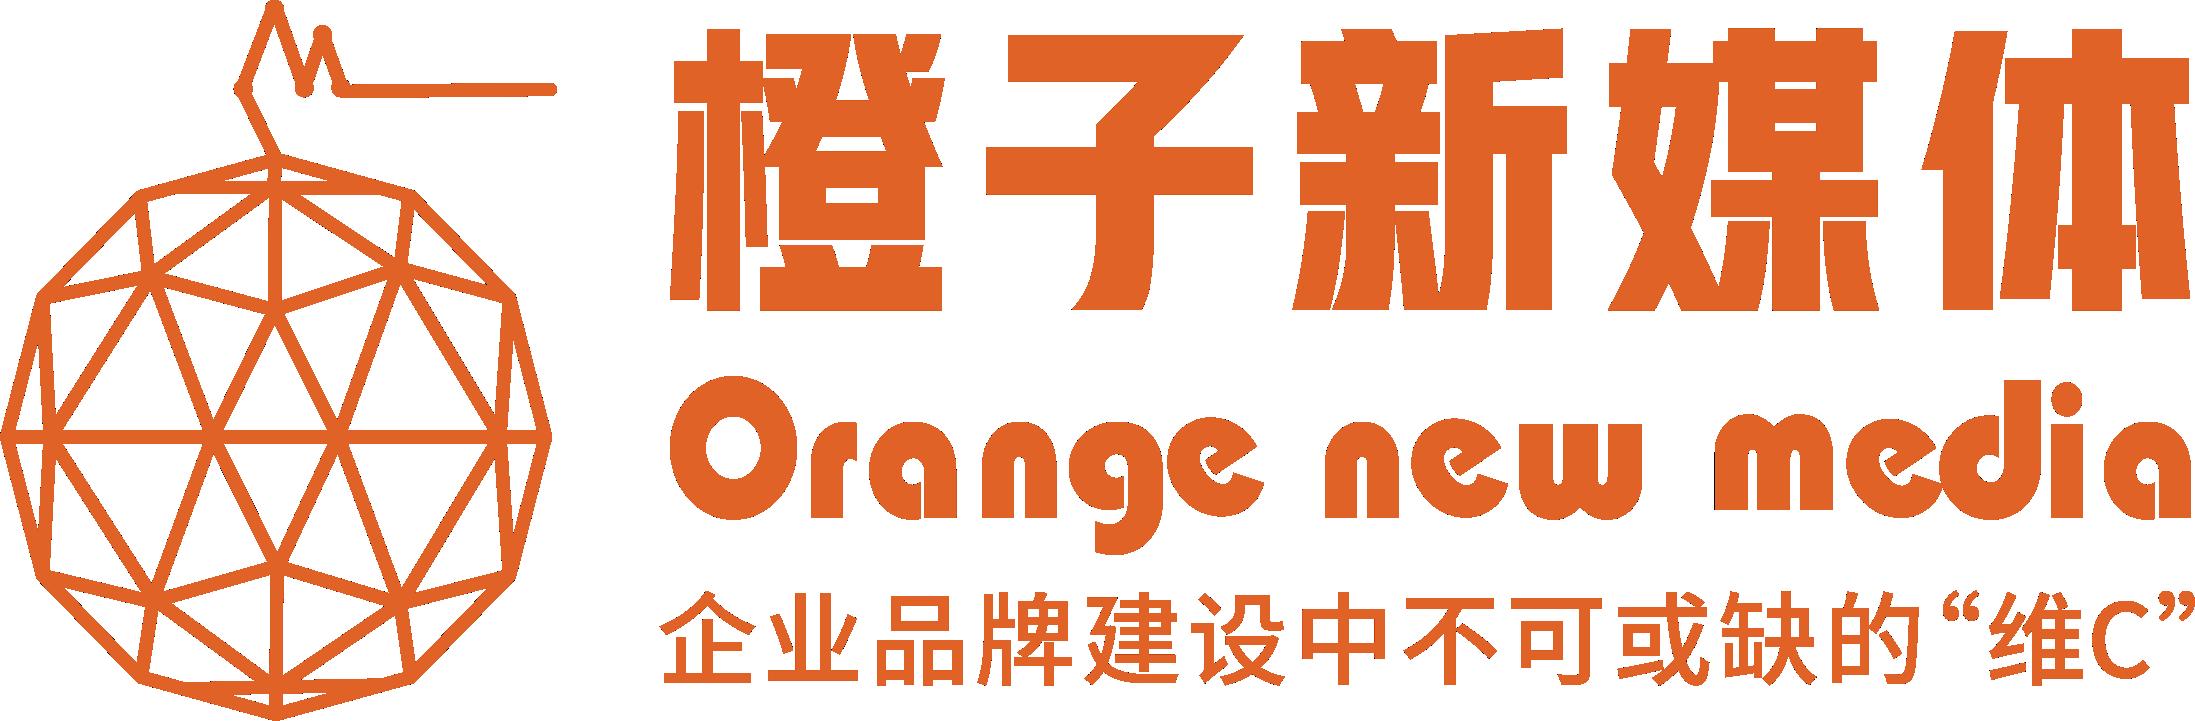 橙子新媒体(深圳)有限公司